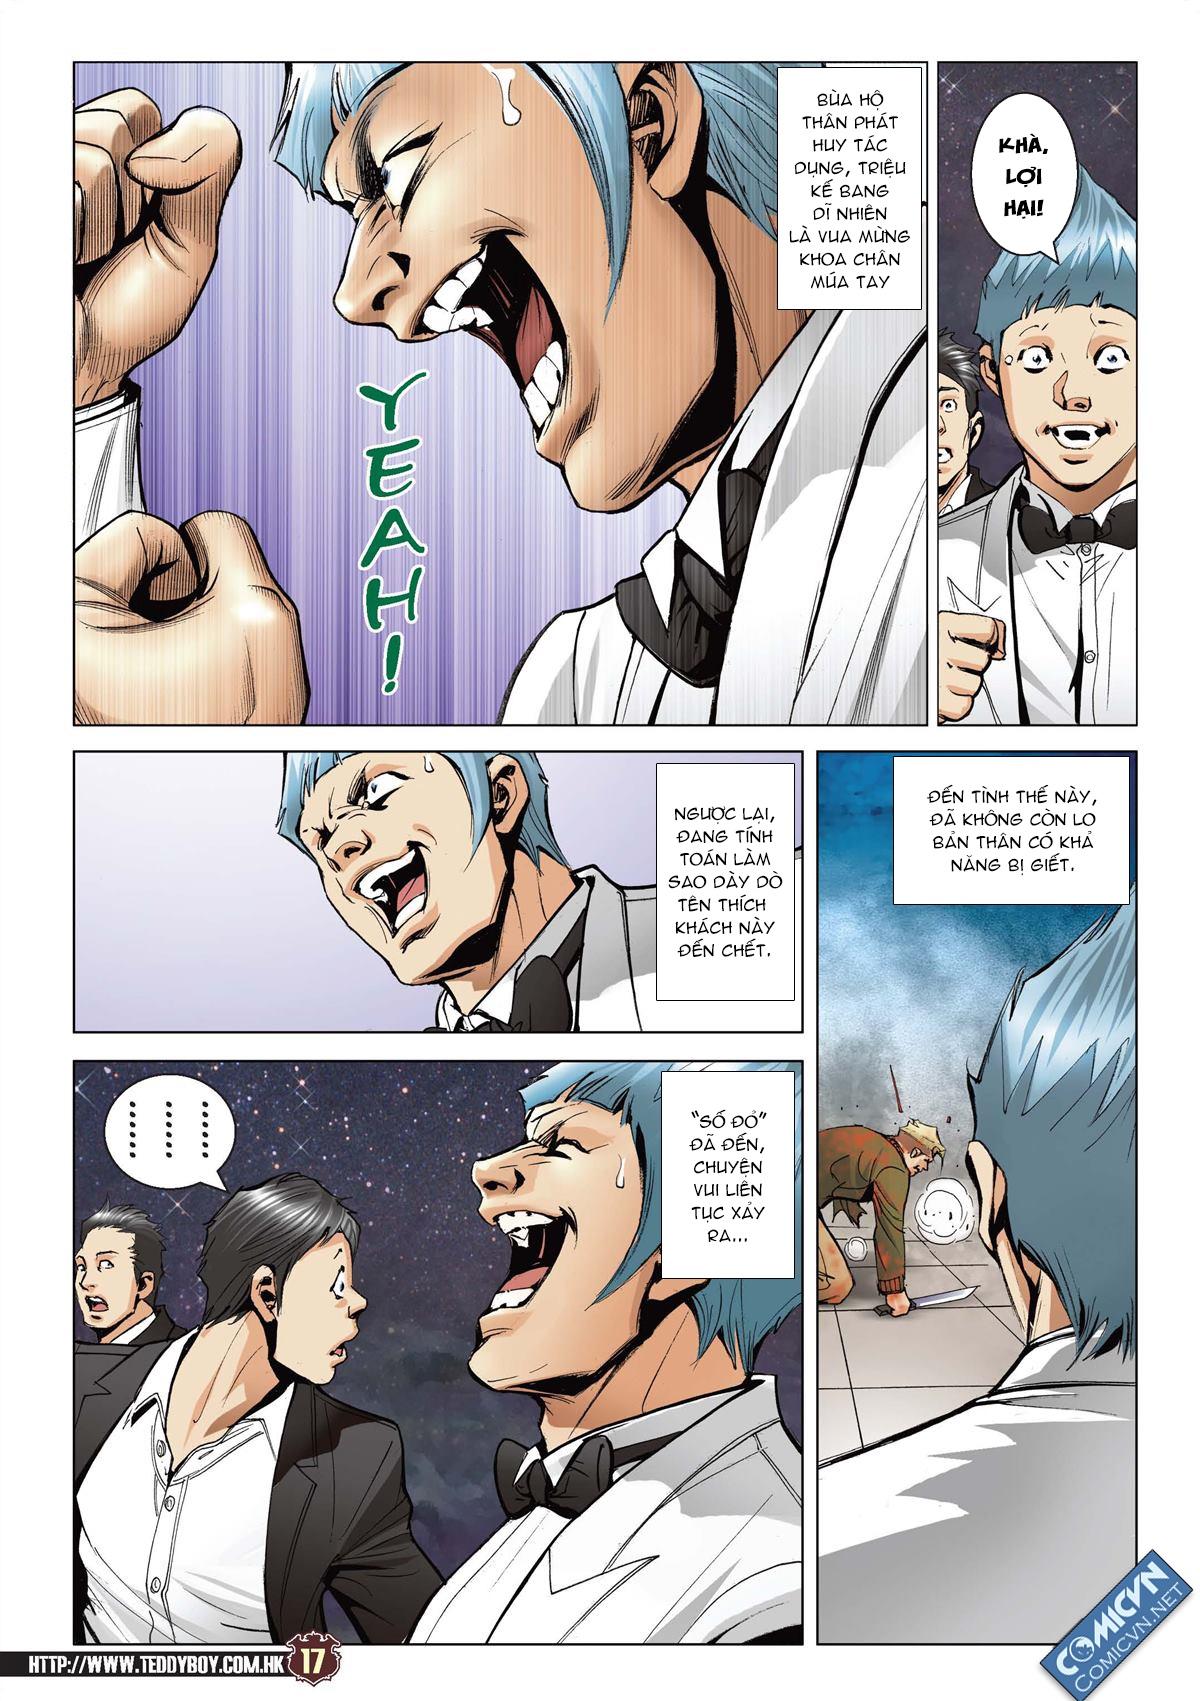 Người Trong Giang Hồ chap 2084 - Trang 15